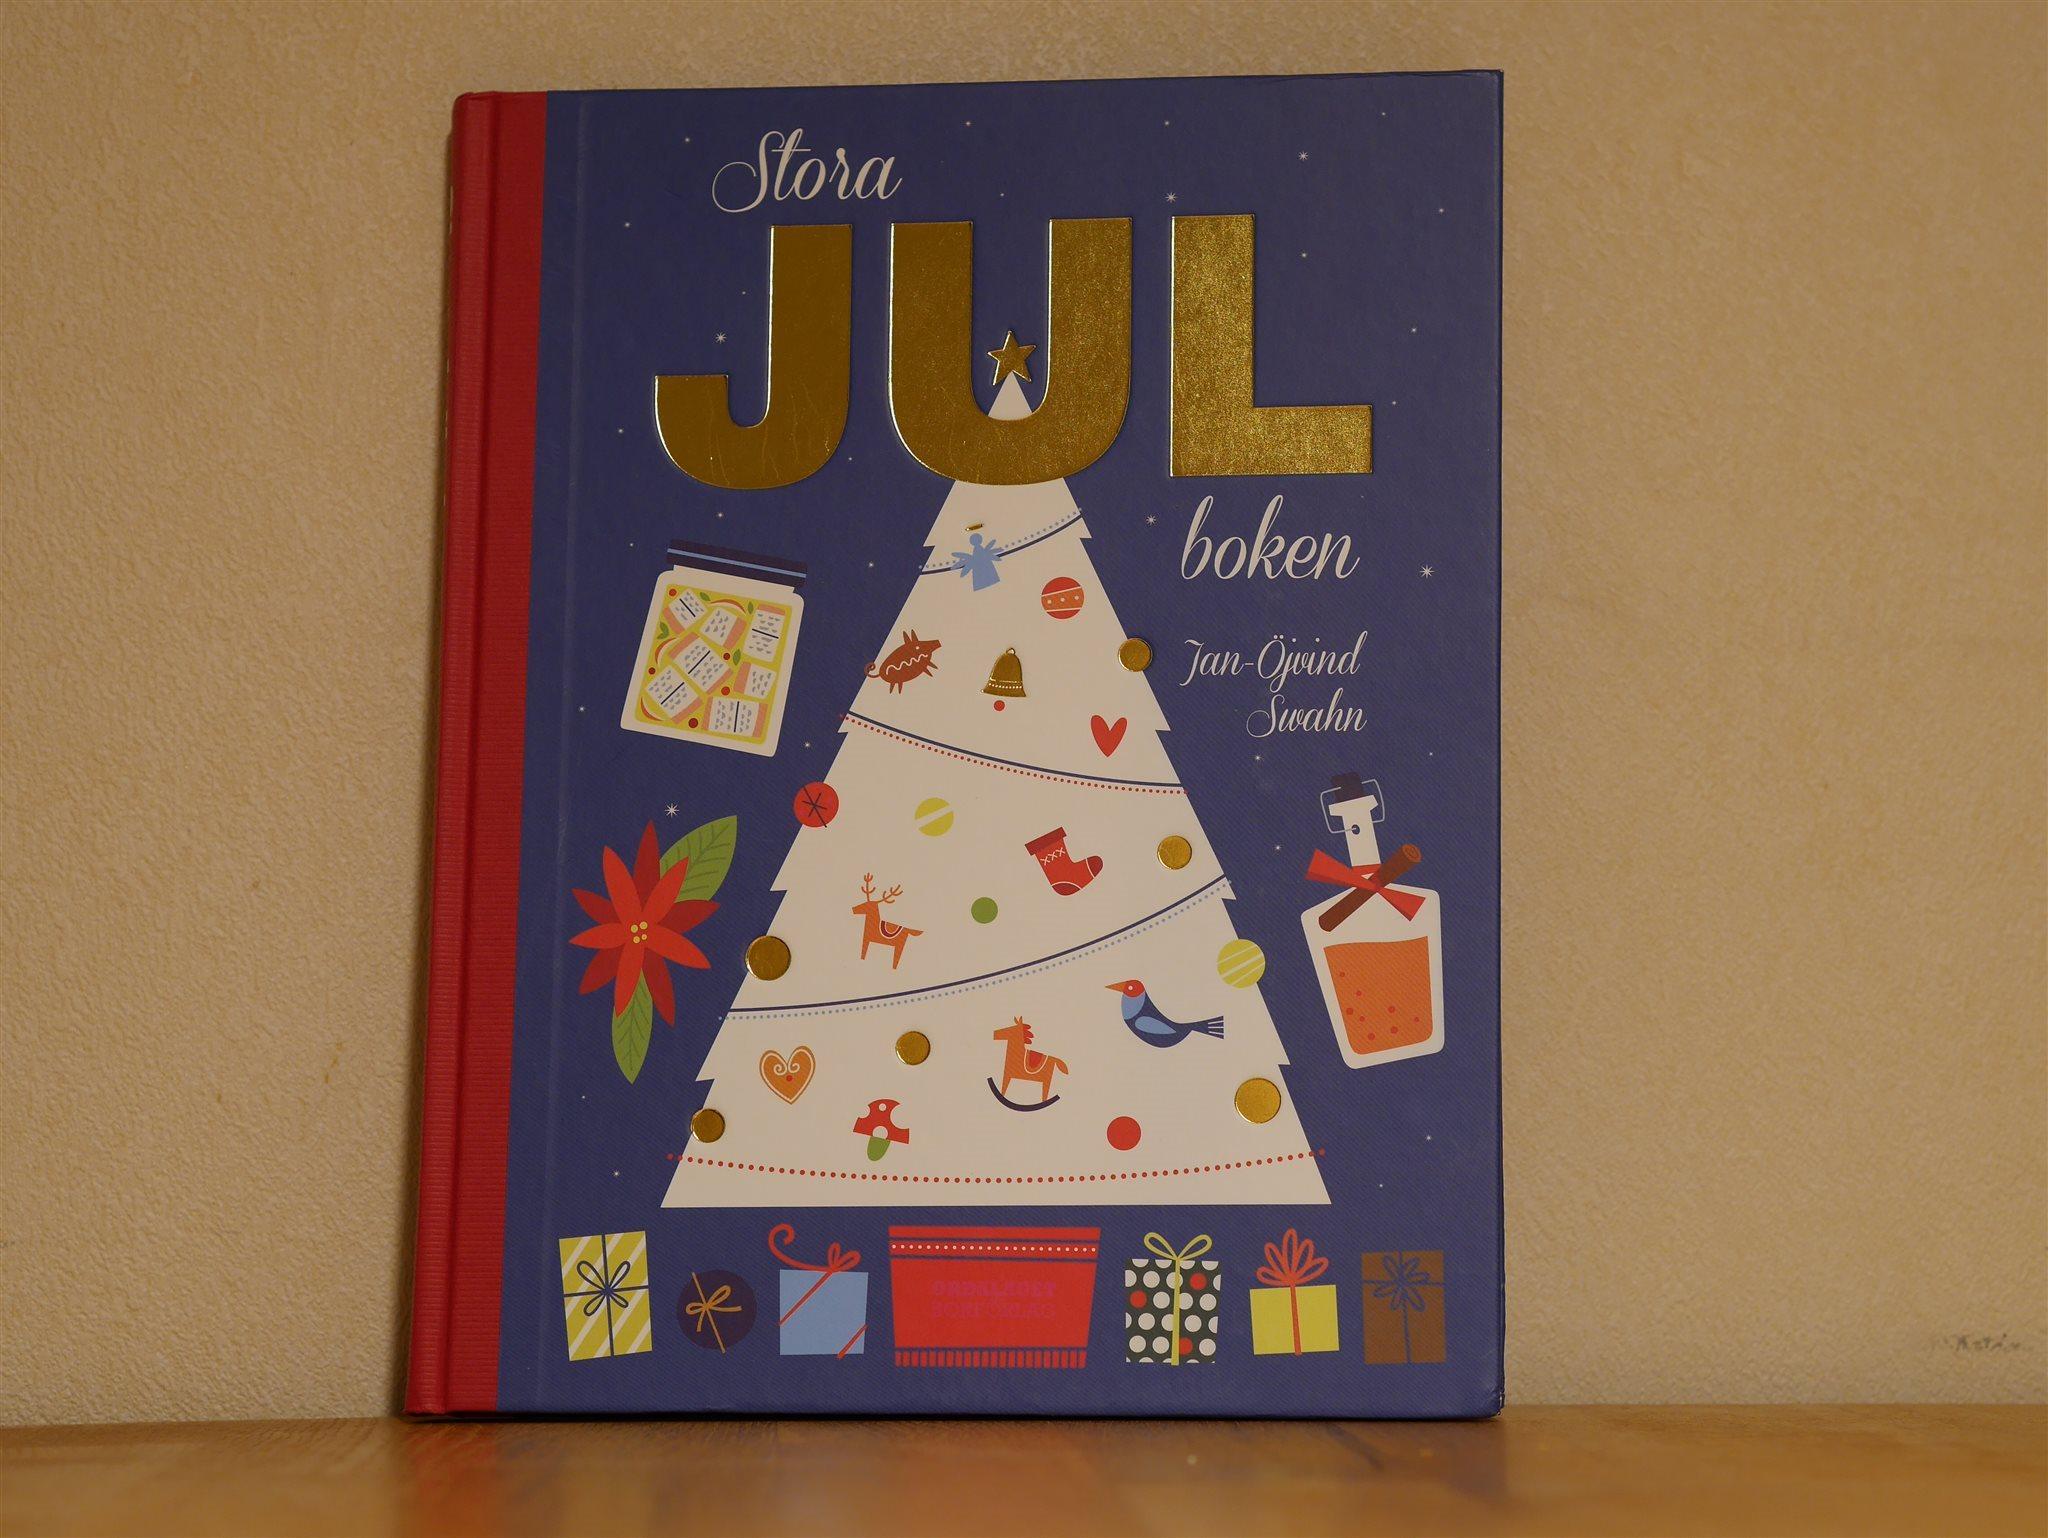 Stora Julboken